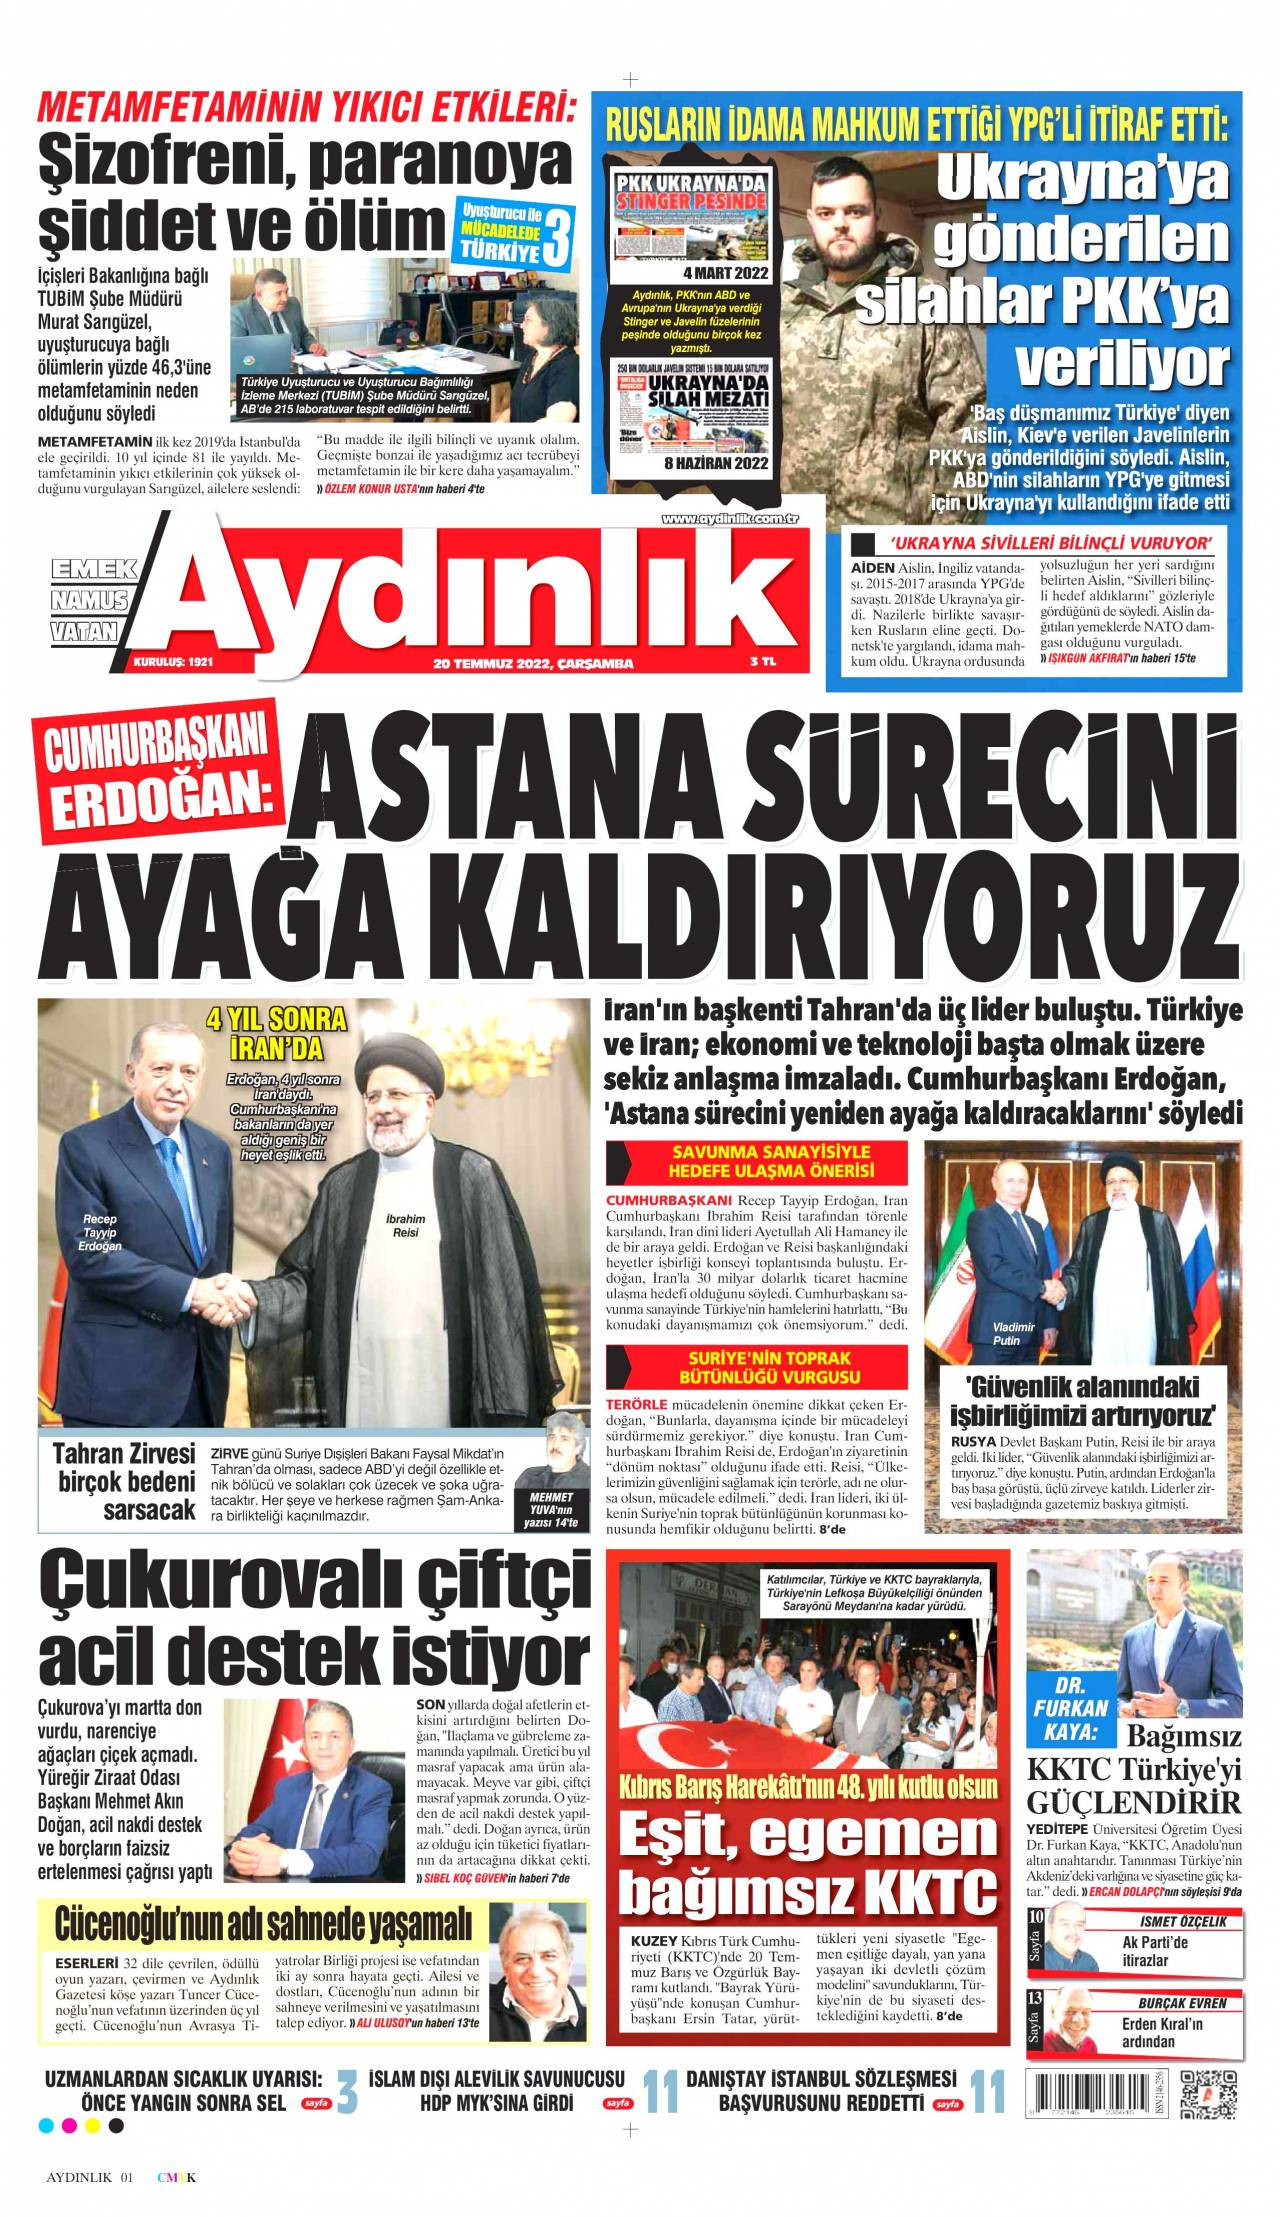 Aydınlık Gazetesi